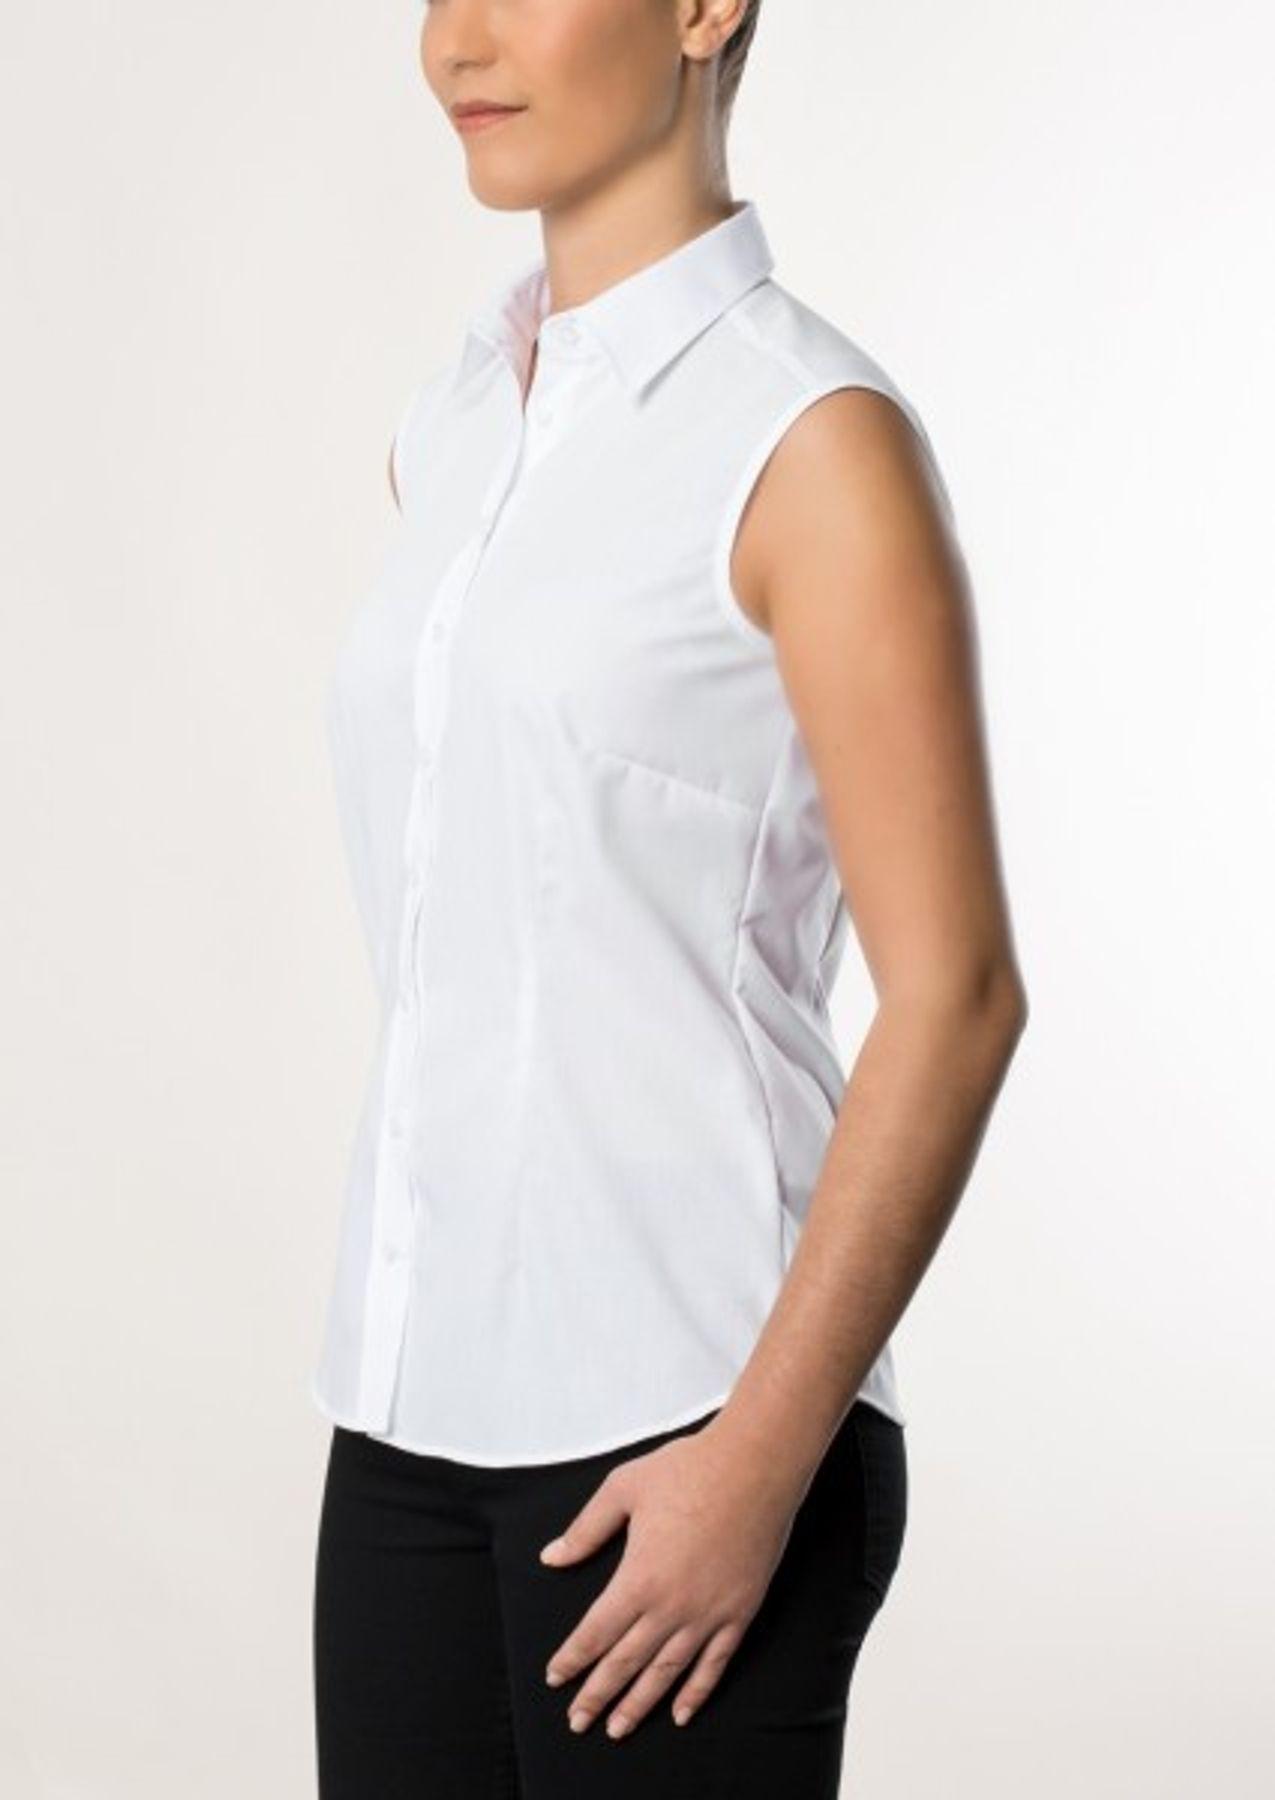 Eterna -  Comfort-Fit - Bügelfreie Damen Bluse ohne Arm in Weiß oder Schwarz (5220 A670) – Bild 11